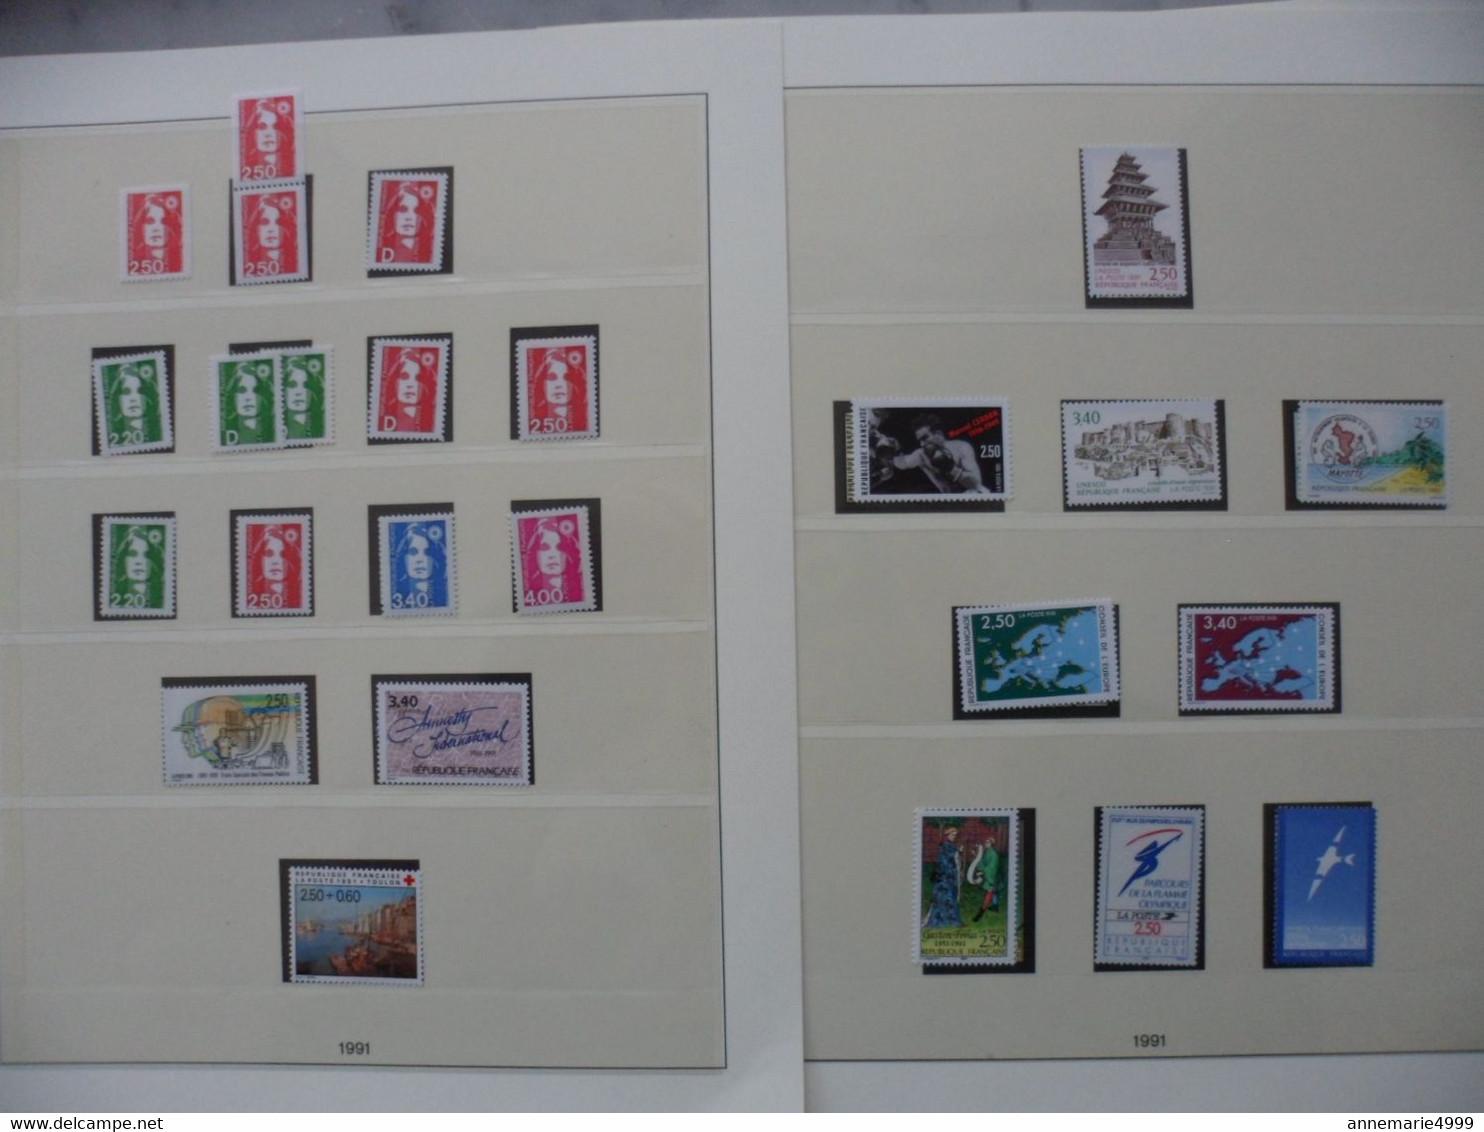 FRANCE Timbres Année 1990 à 1999  Neufs Sans Charnière Faciale  401 €  Moins 55 % Voir Scans - Collections